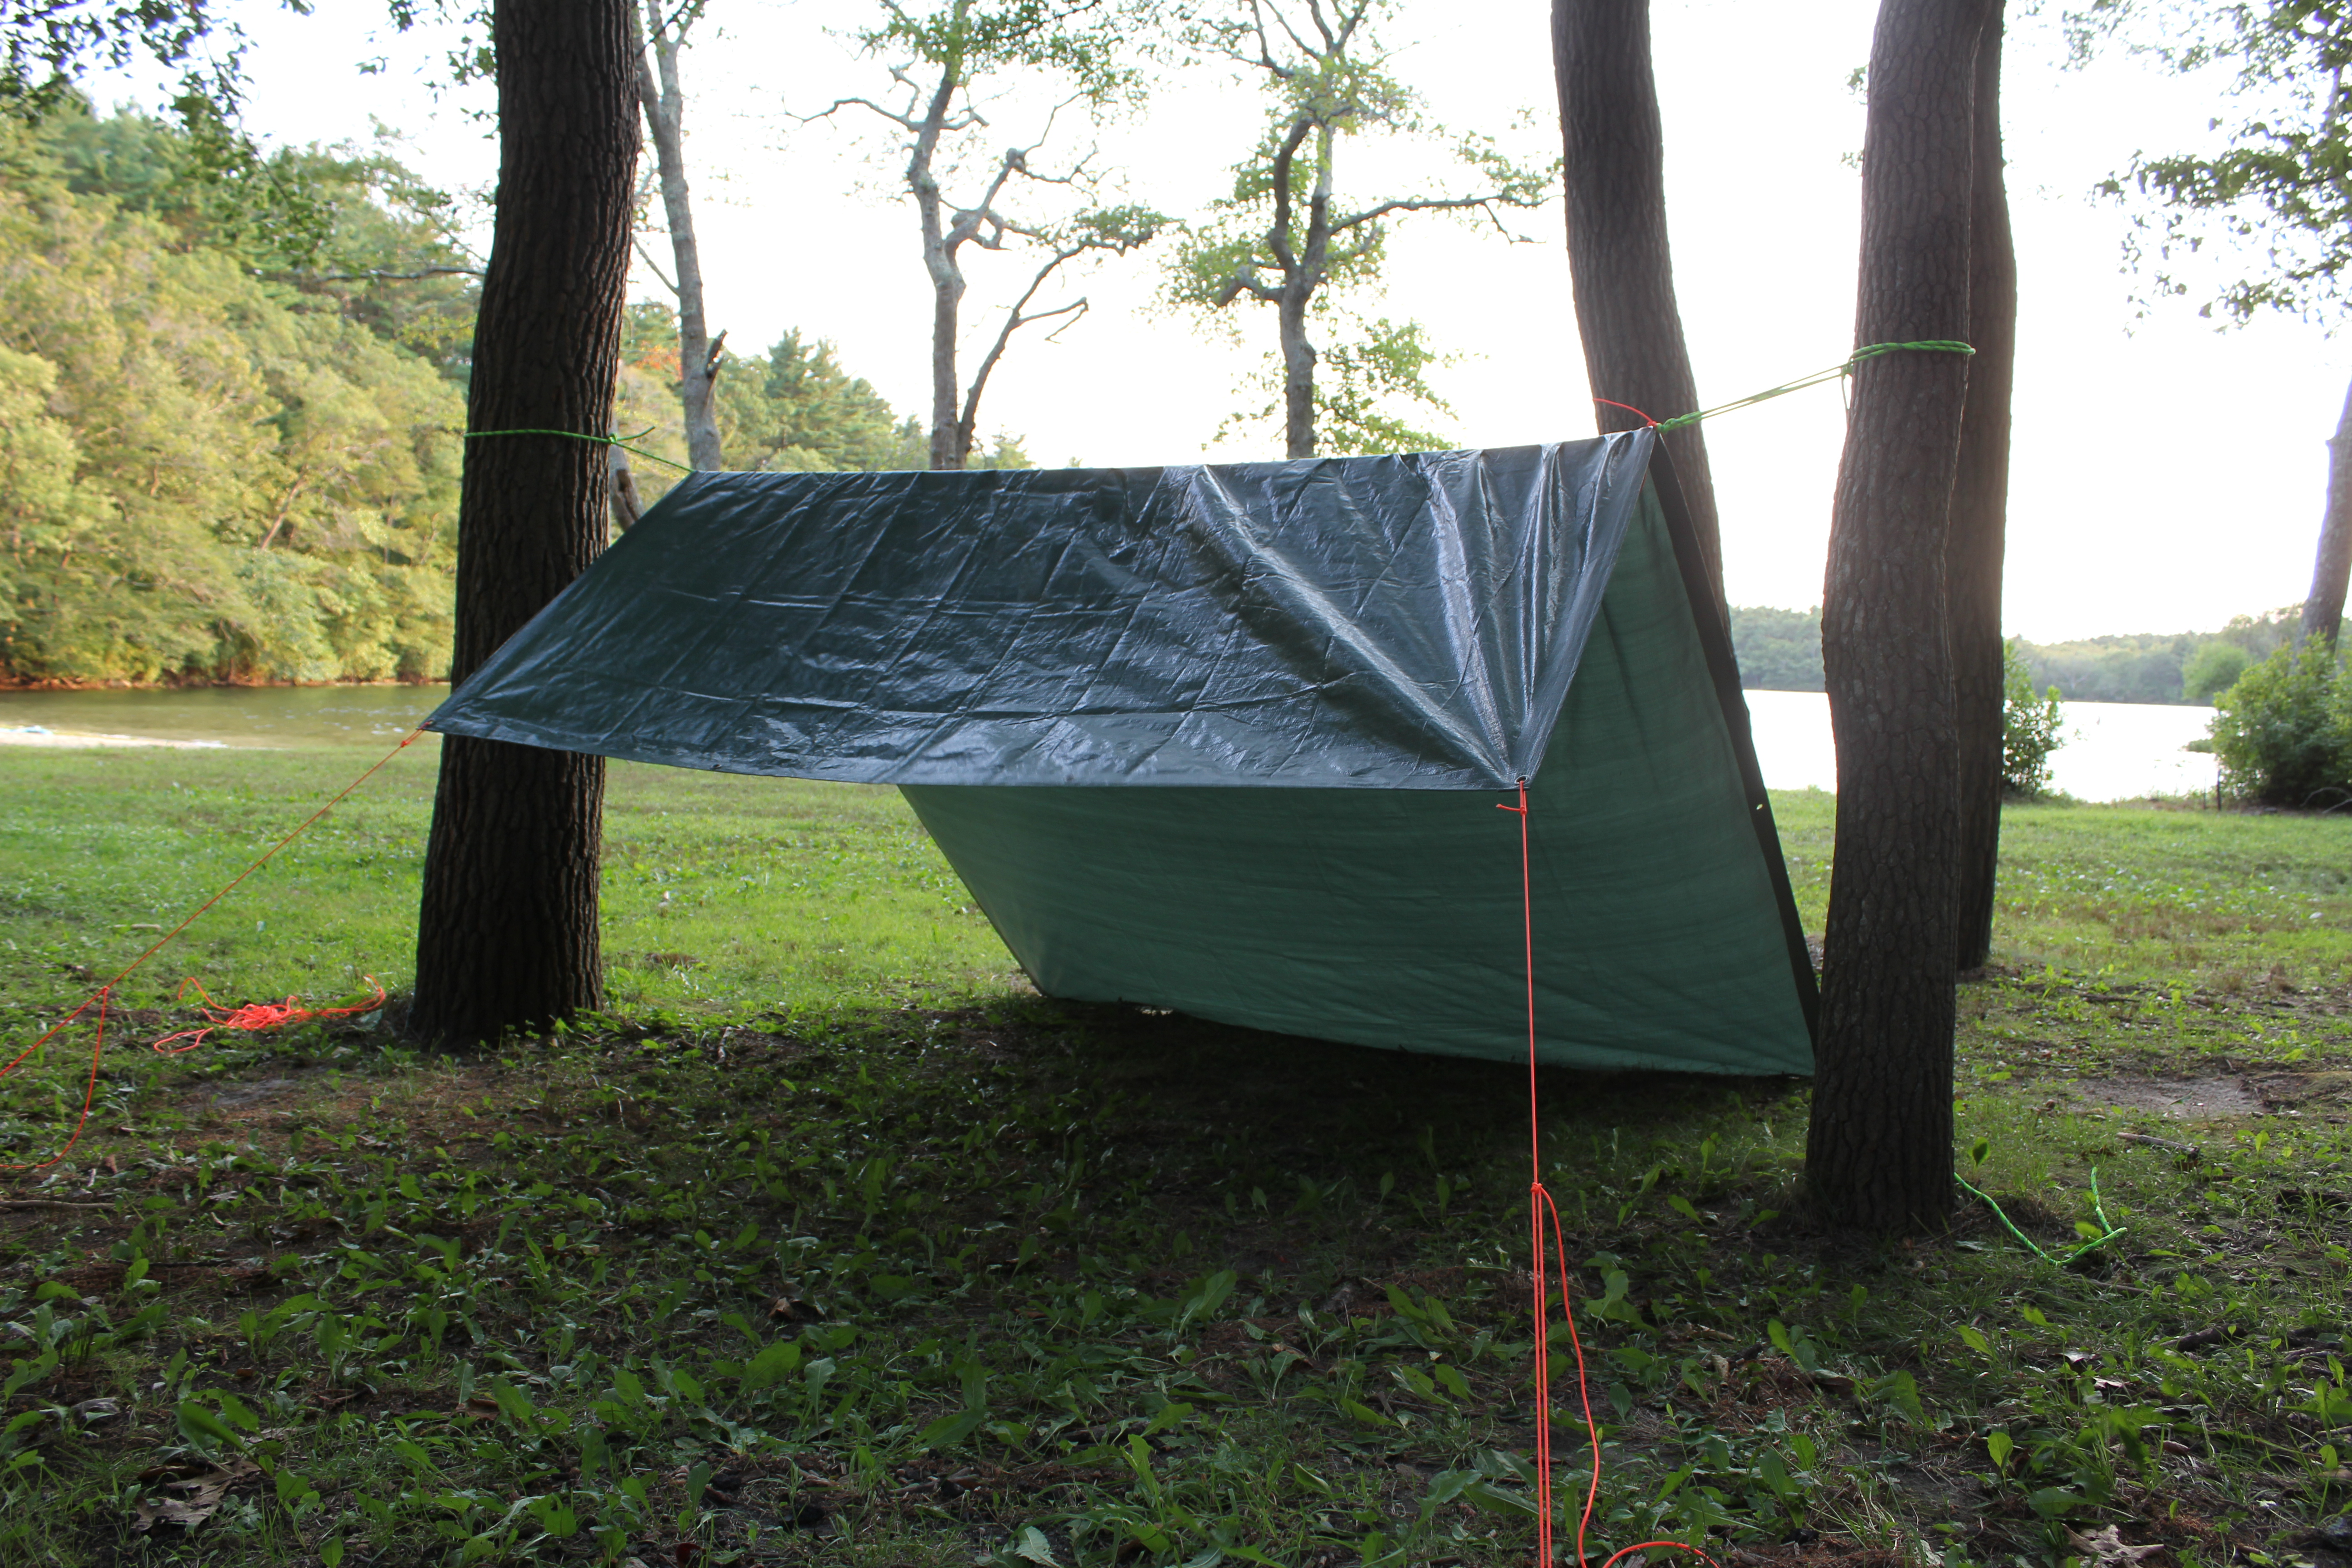 How To Build A Tarp Tent For Kayak Camping Kayak Dave S